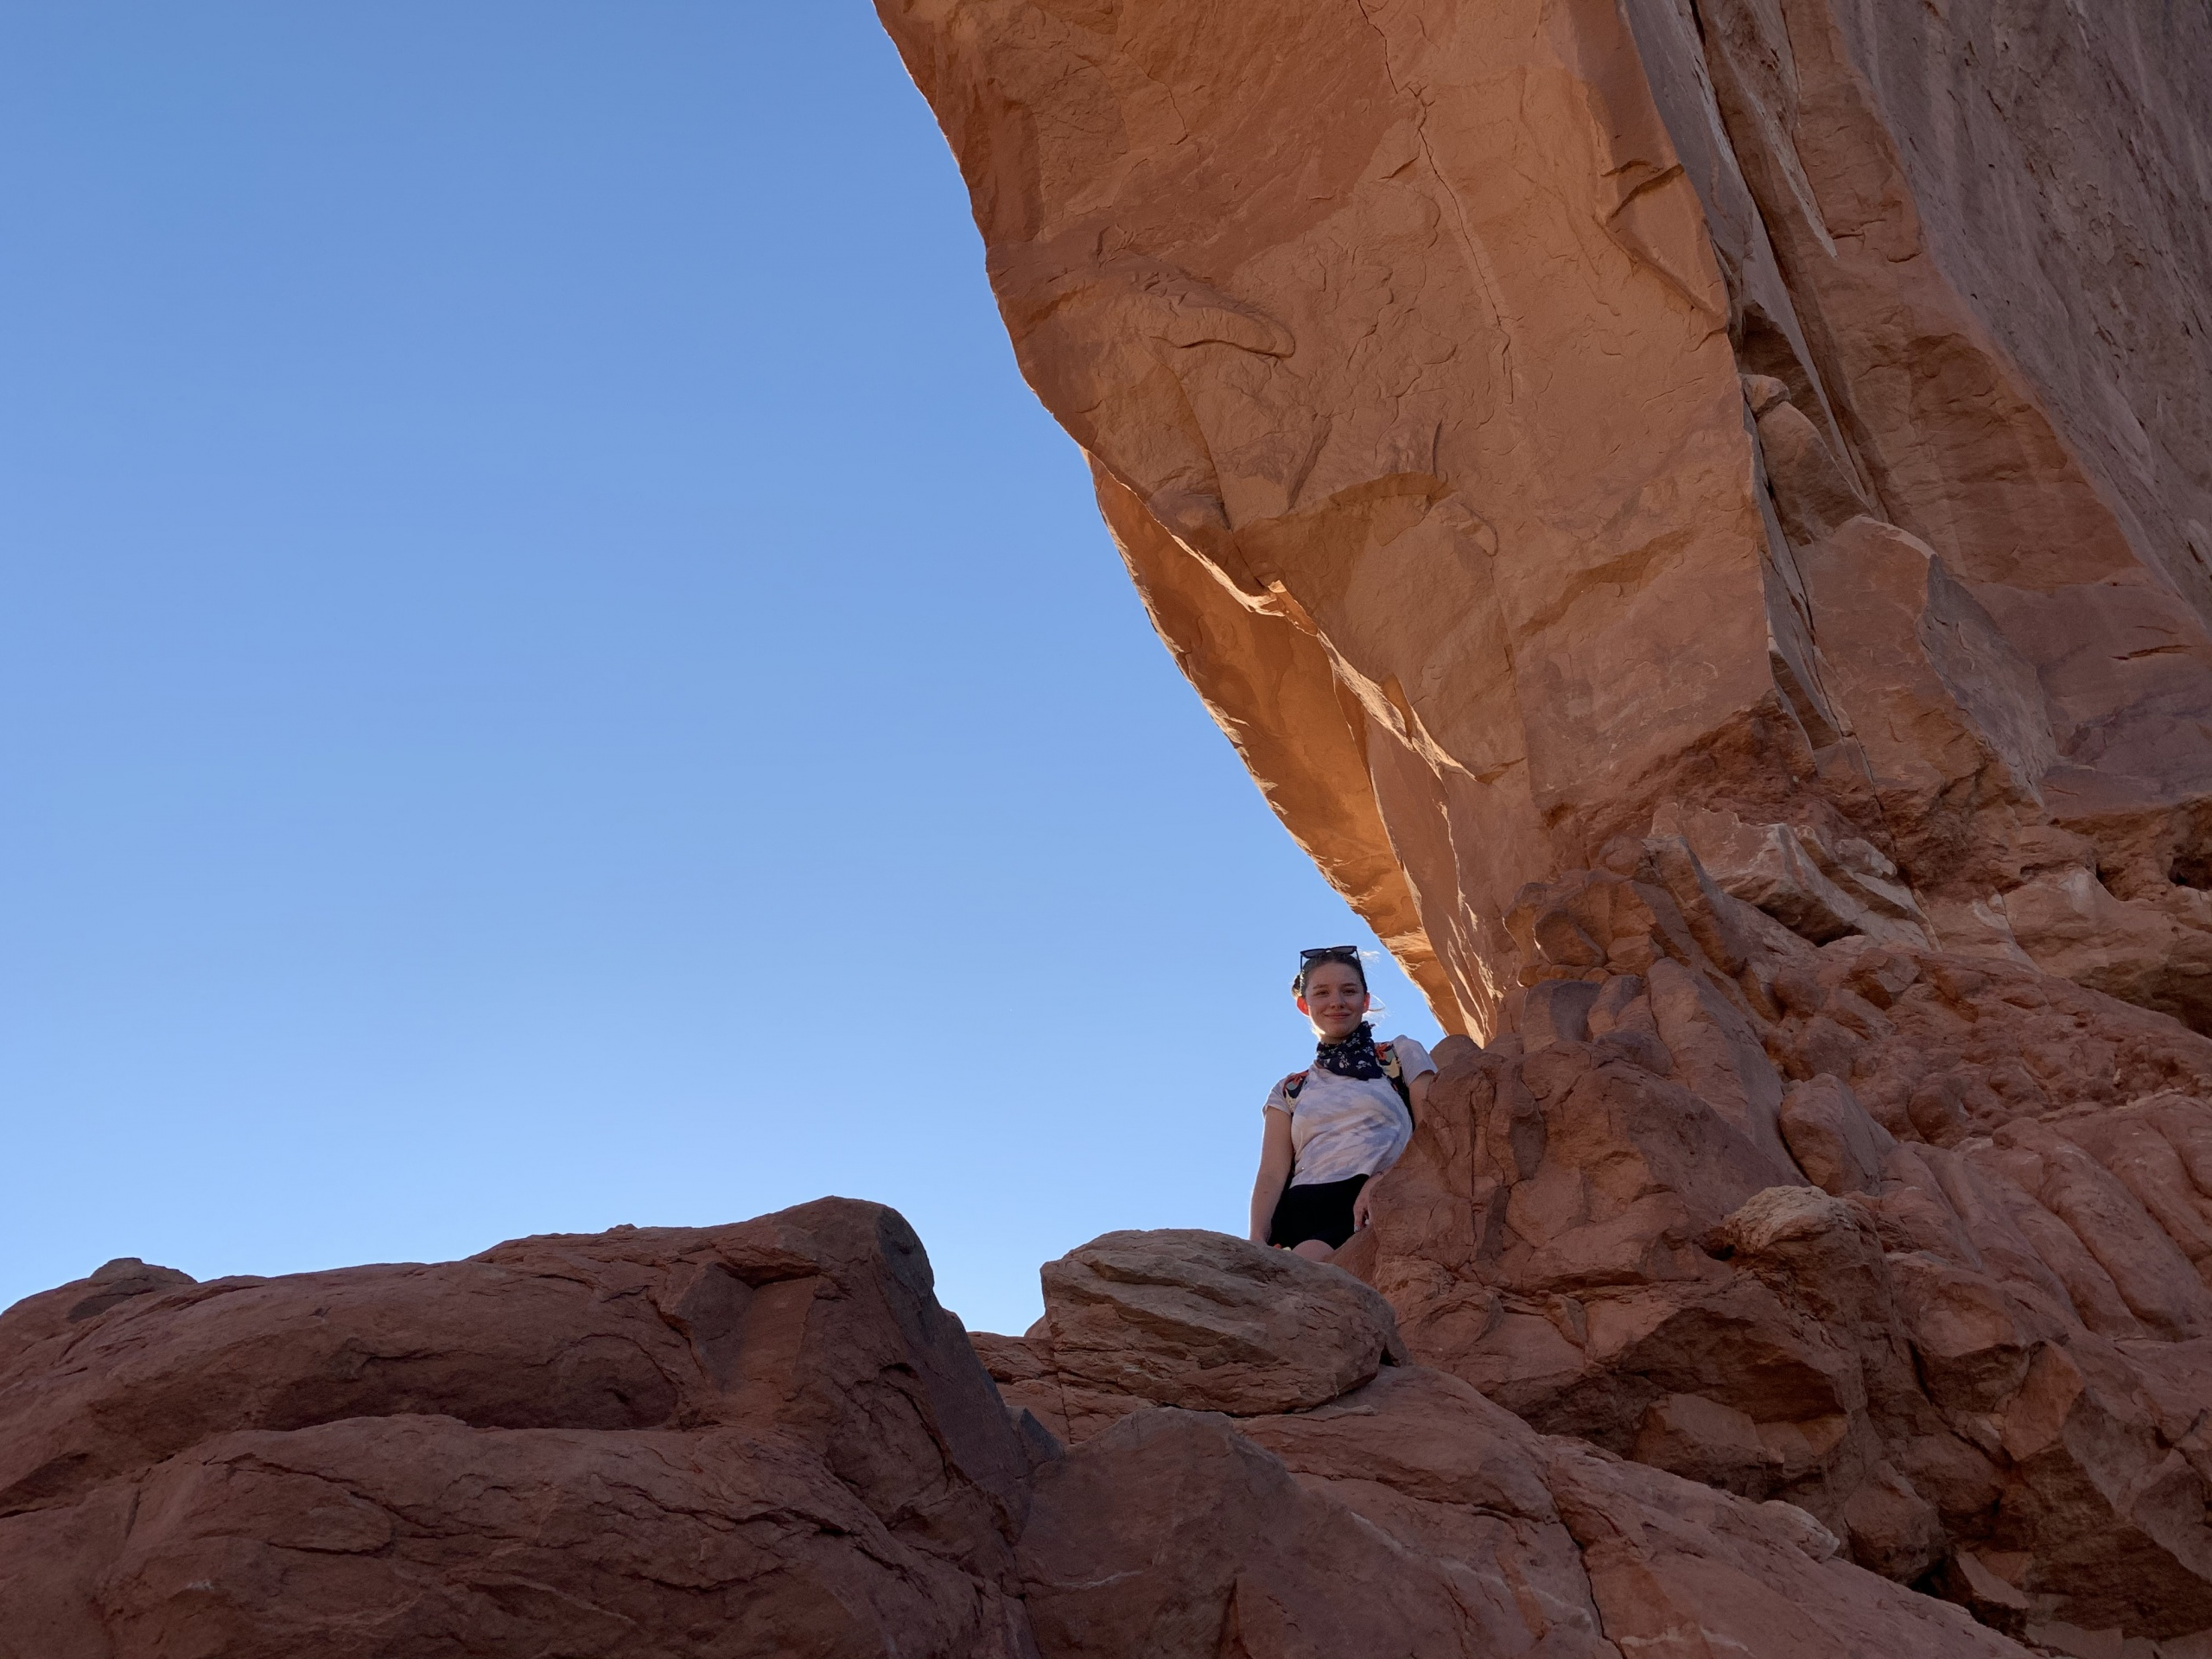 El salto al vacío que me llevó a las rocas